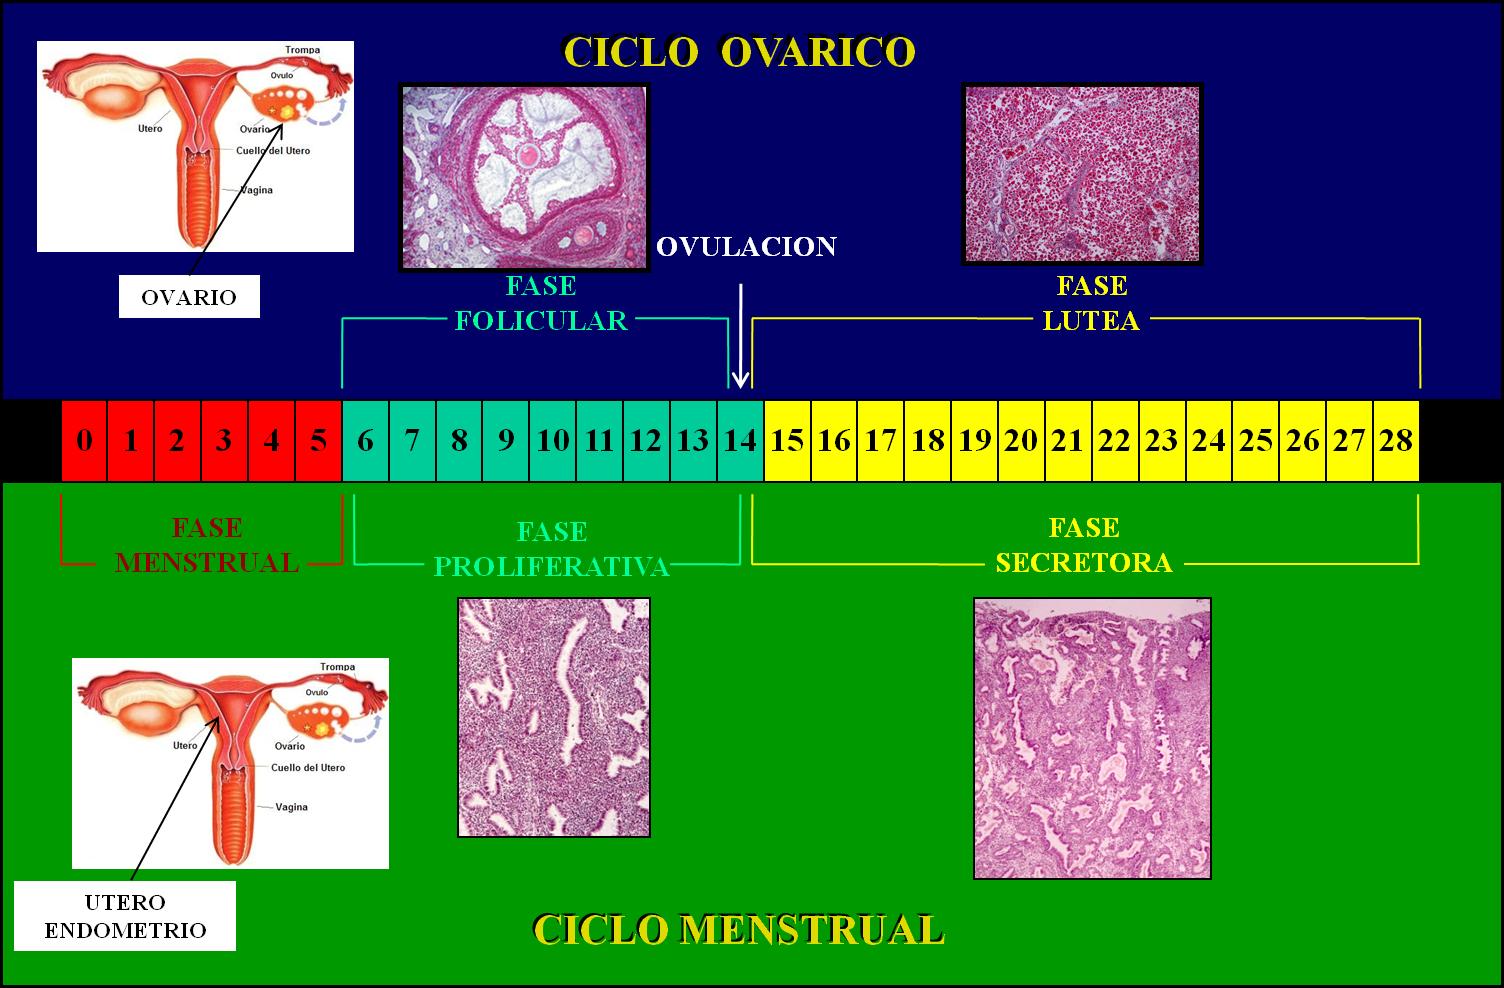 Como funciona el ciclo menstrual y la ovulacion